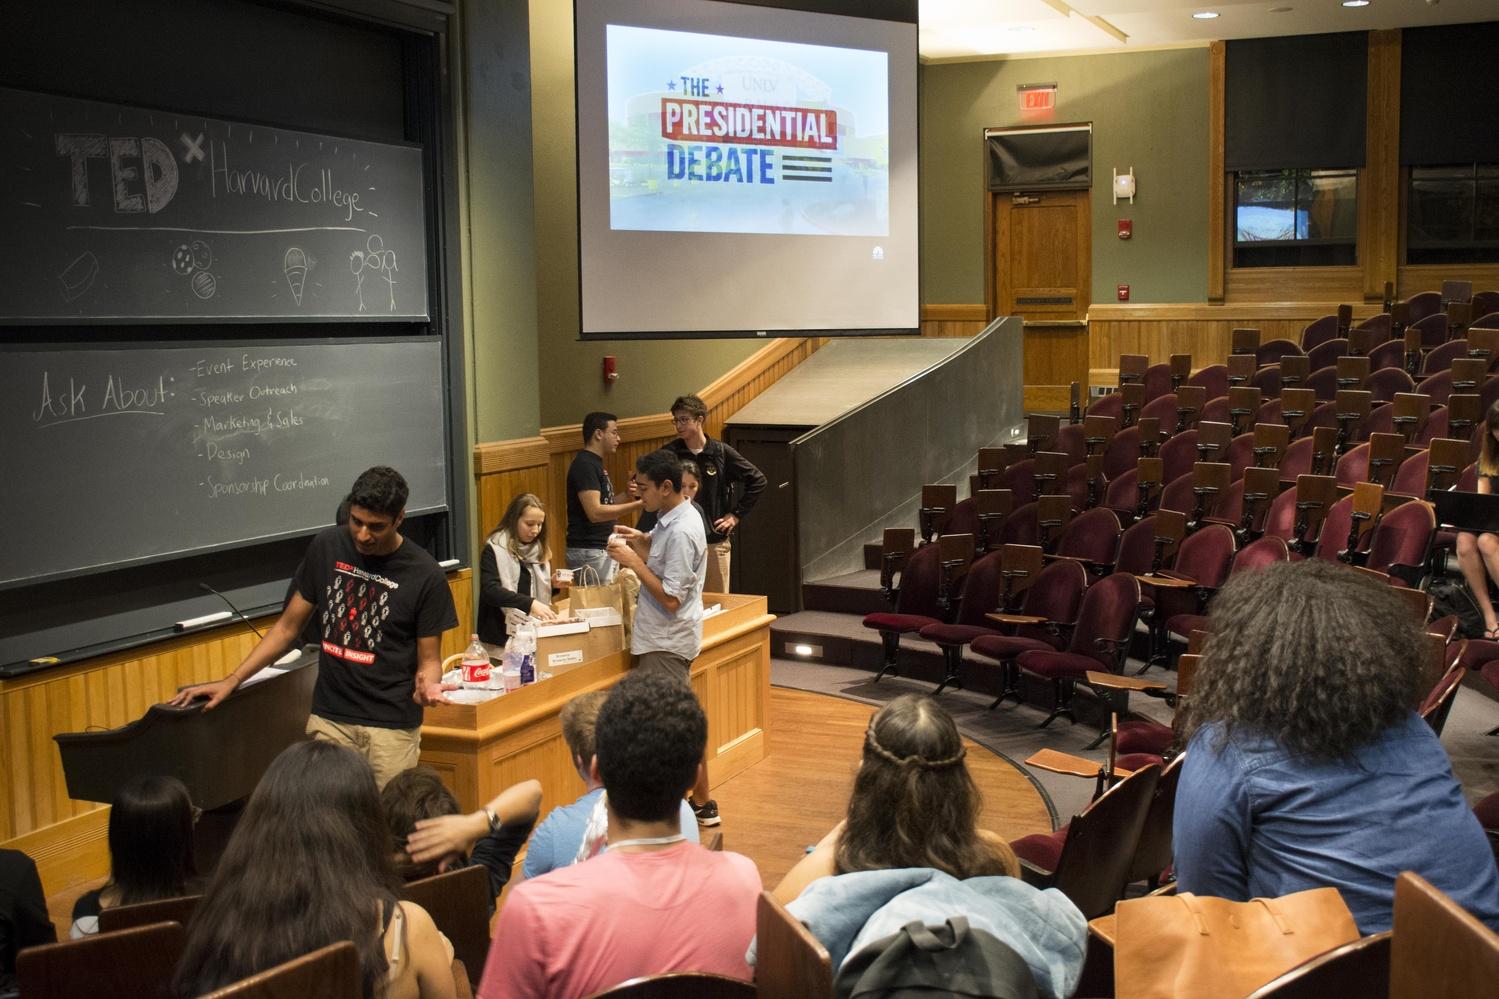 Sever Hall Debate Watch